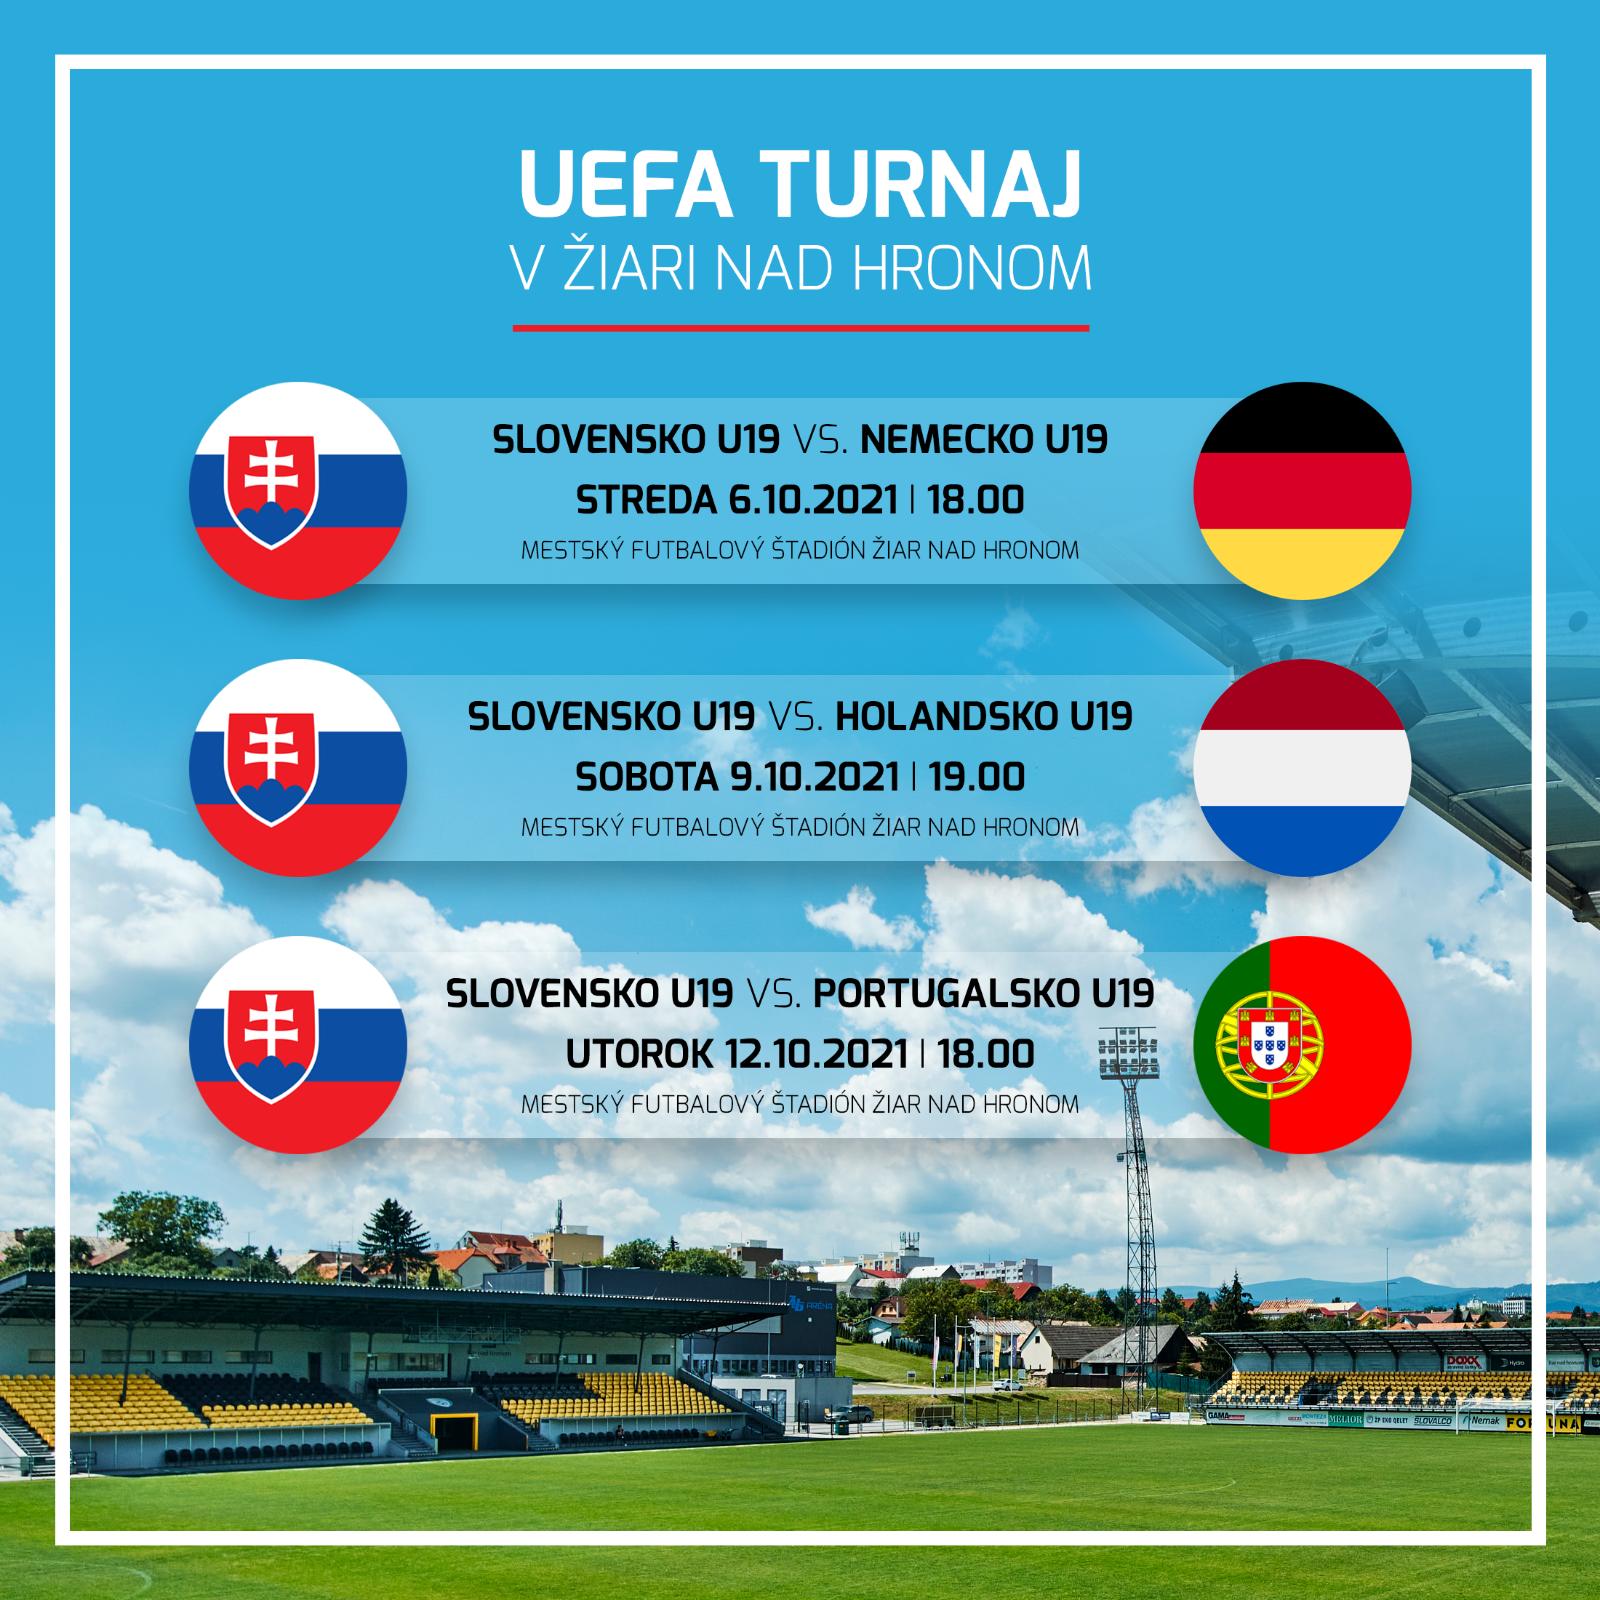 Medzinárodný turnaj UEFA na našom štadióne